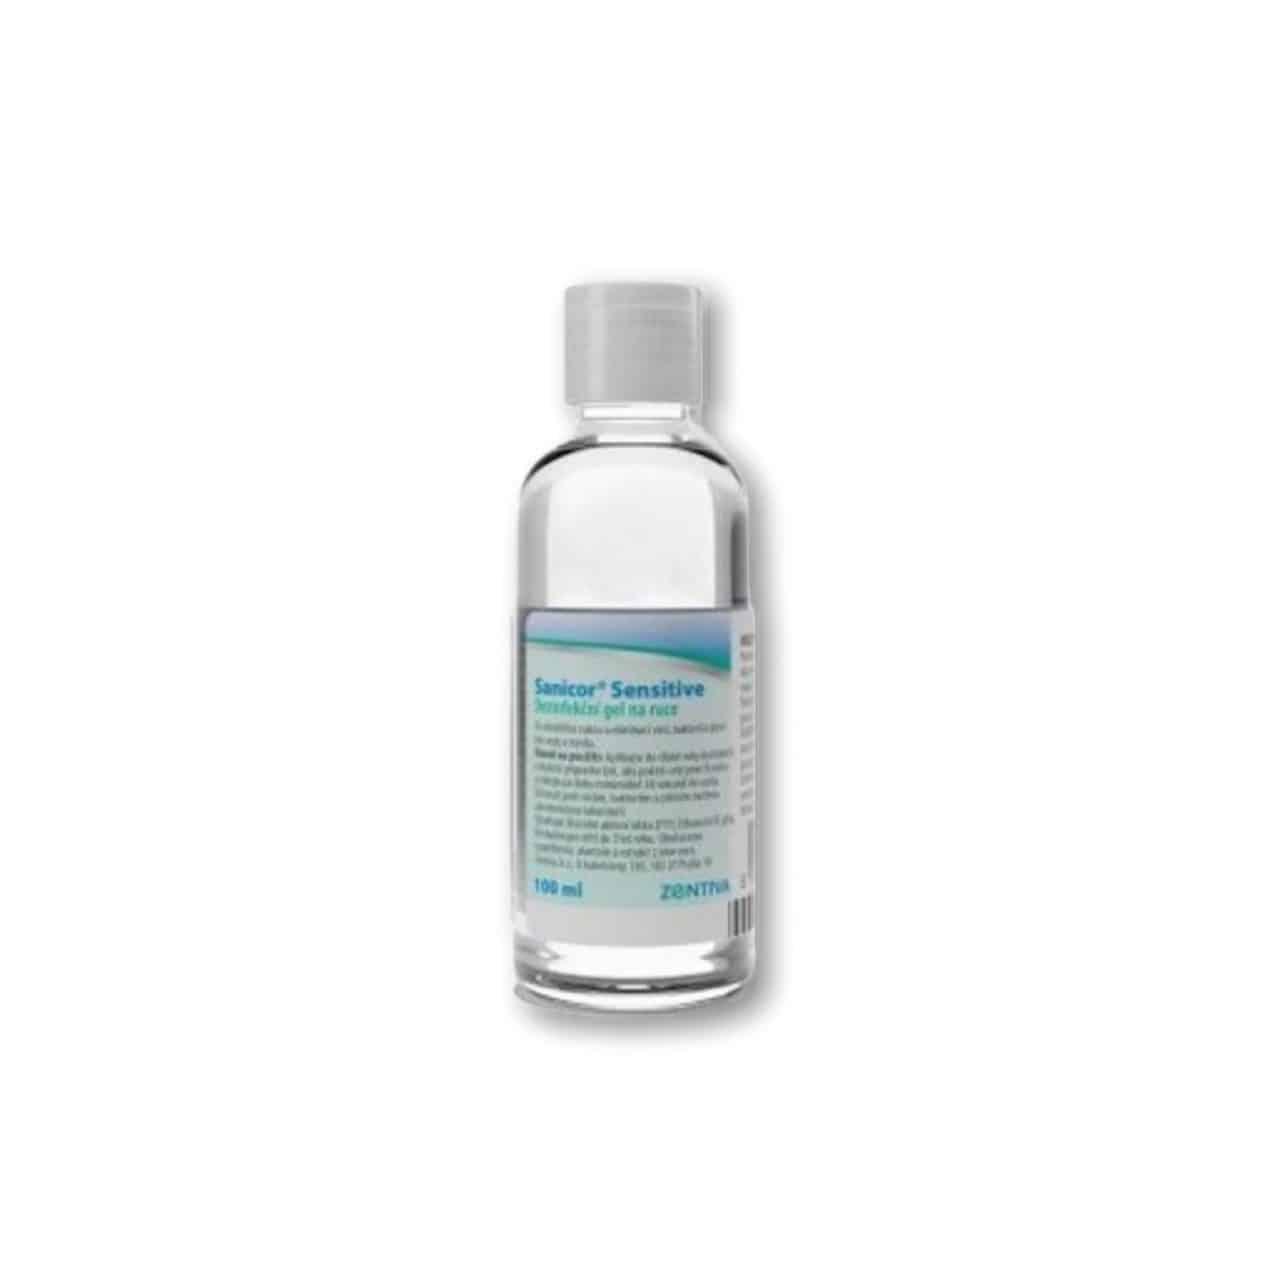 Sanicor Sensitive dezinfekčný gél na ruky 100ml